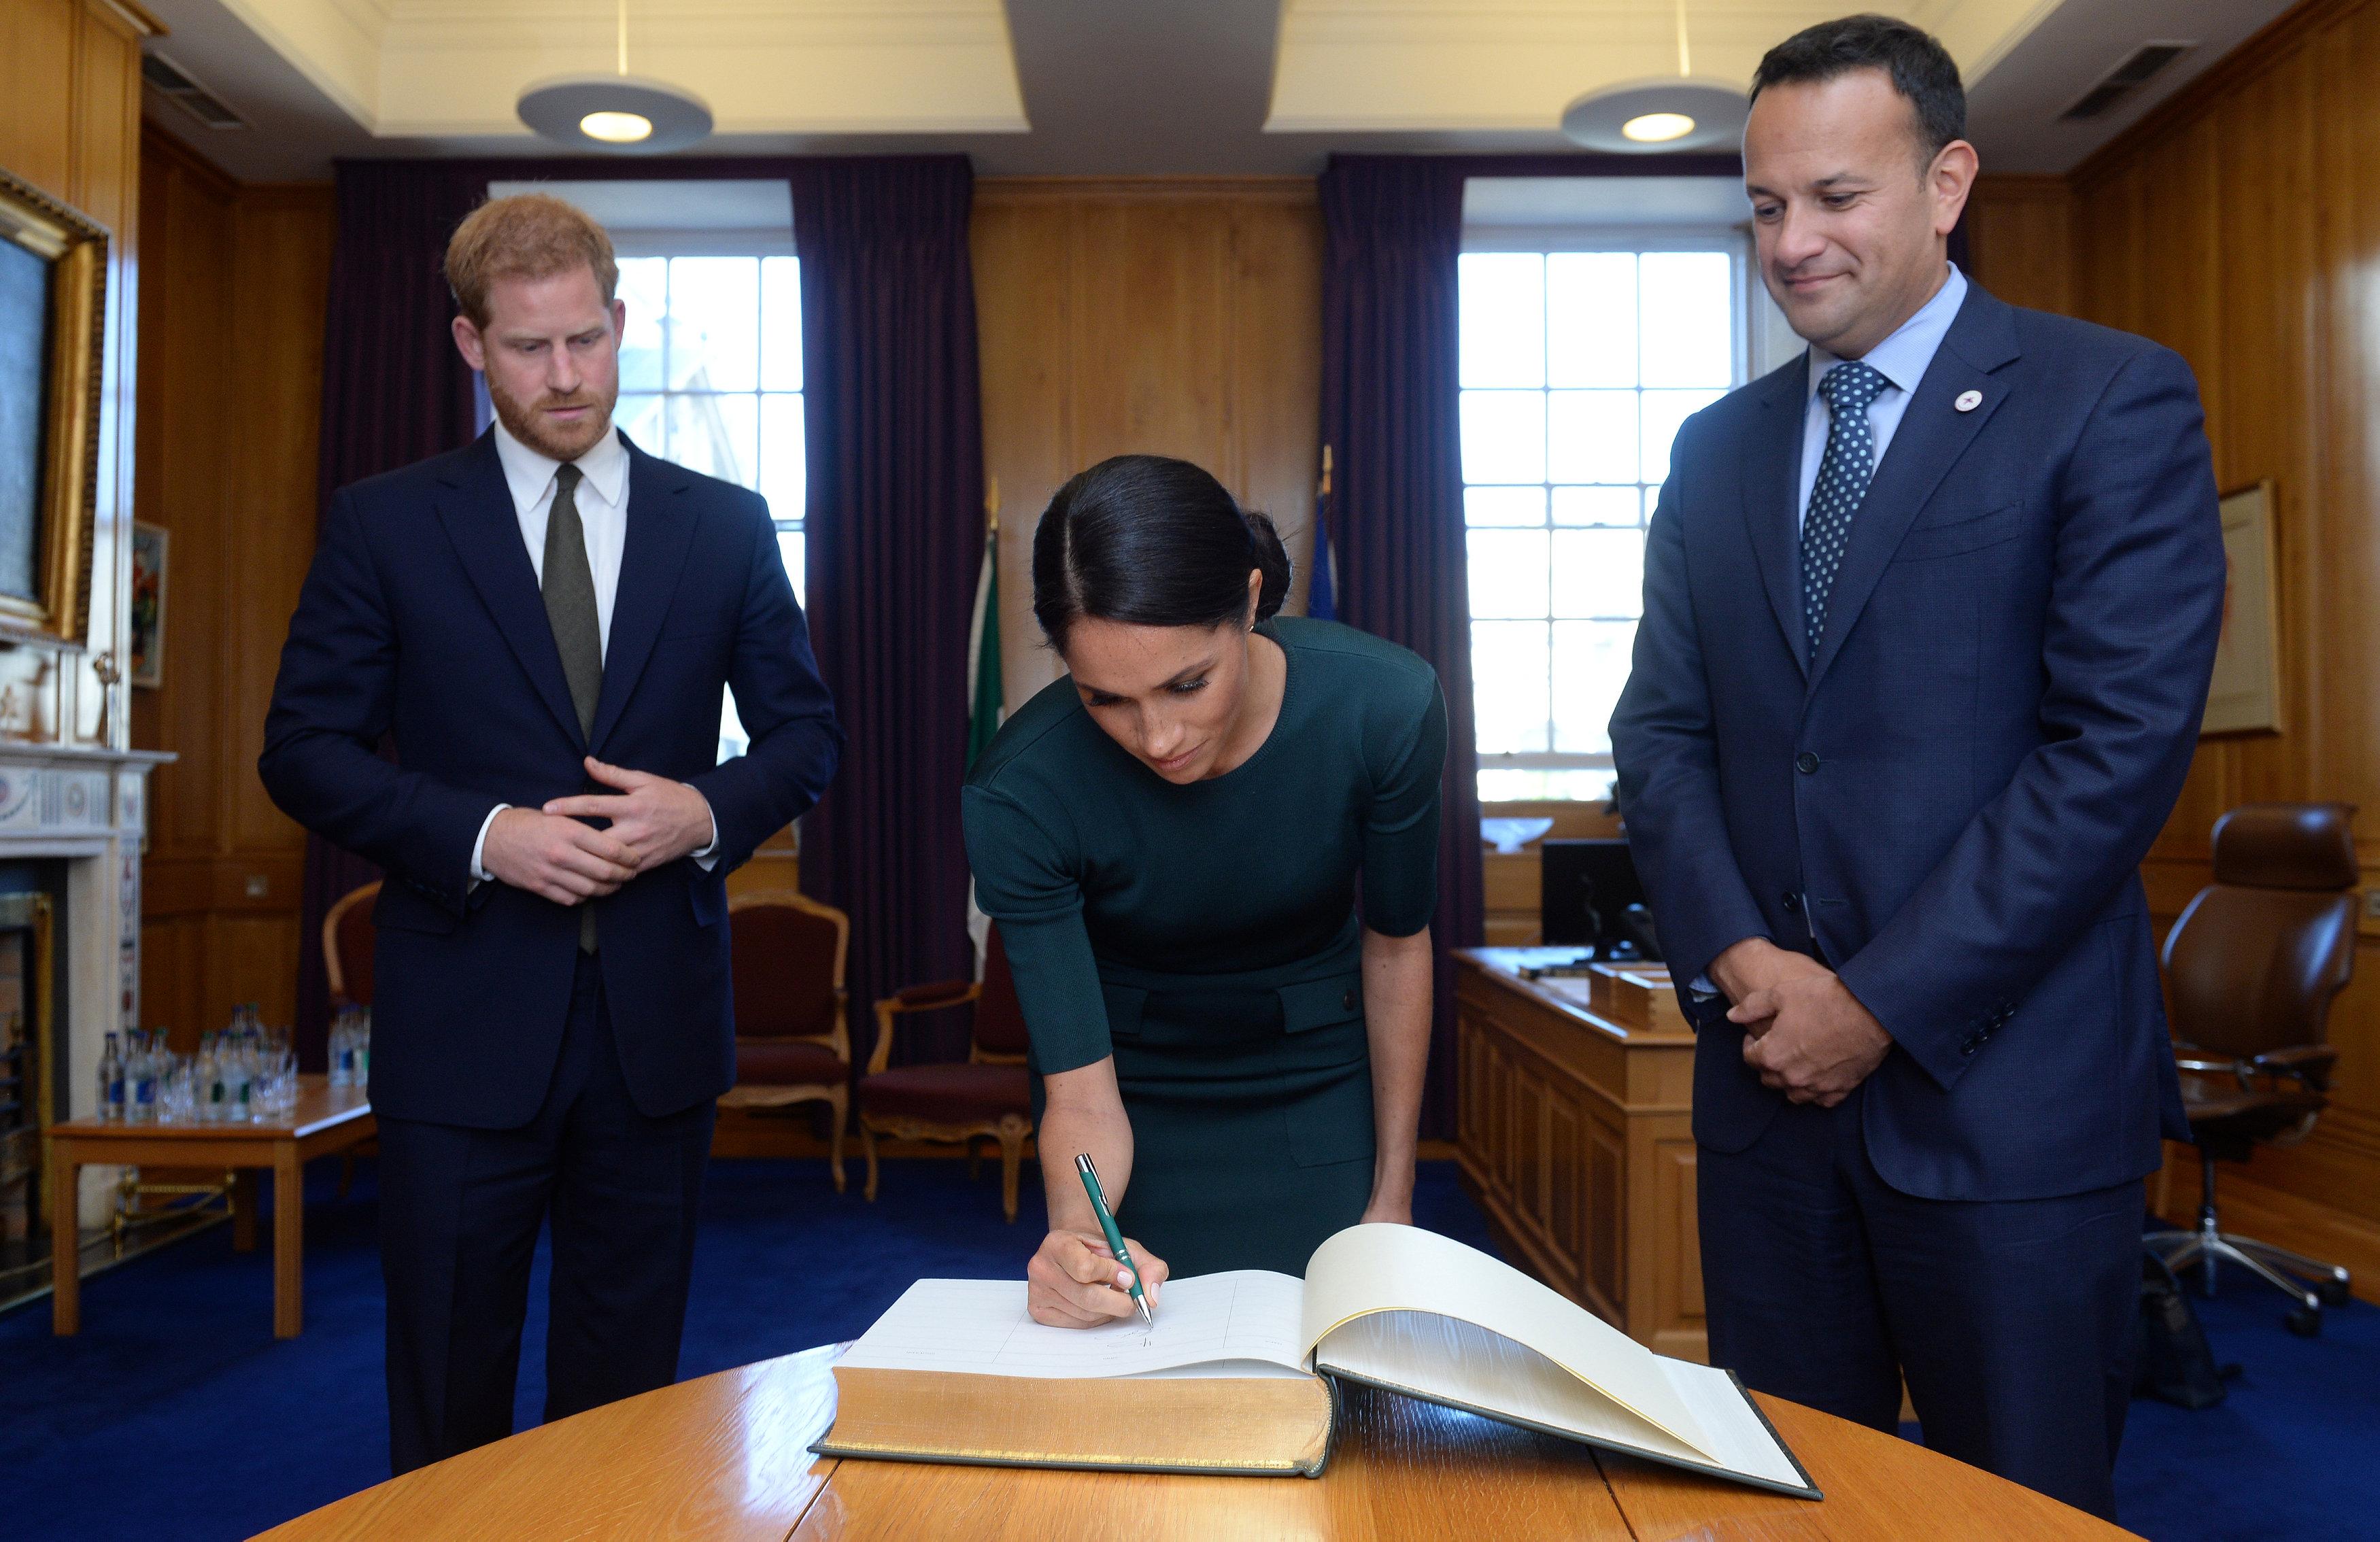 وصول الأمير هارى وزوجته إلى دبلن